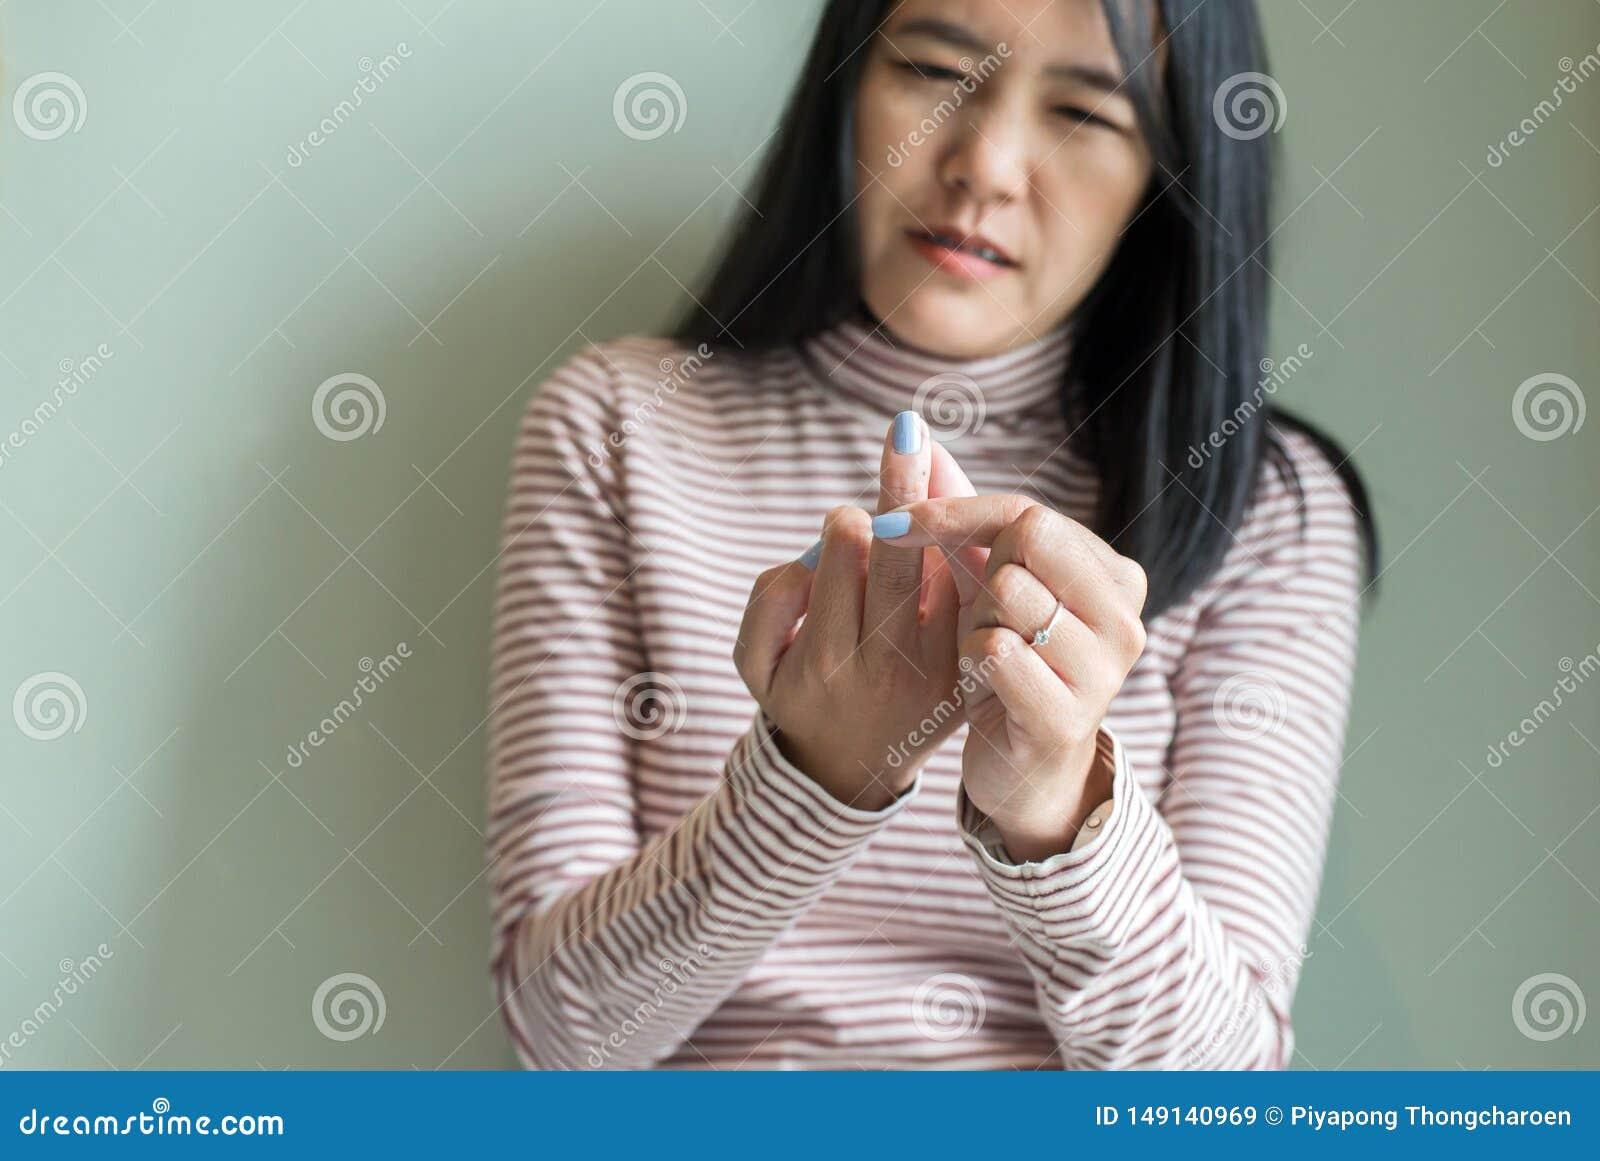 Mujer asi?tica con beriberi a mano o el finger, enfermedad que causa la inflamaci?n de los nervios